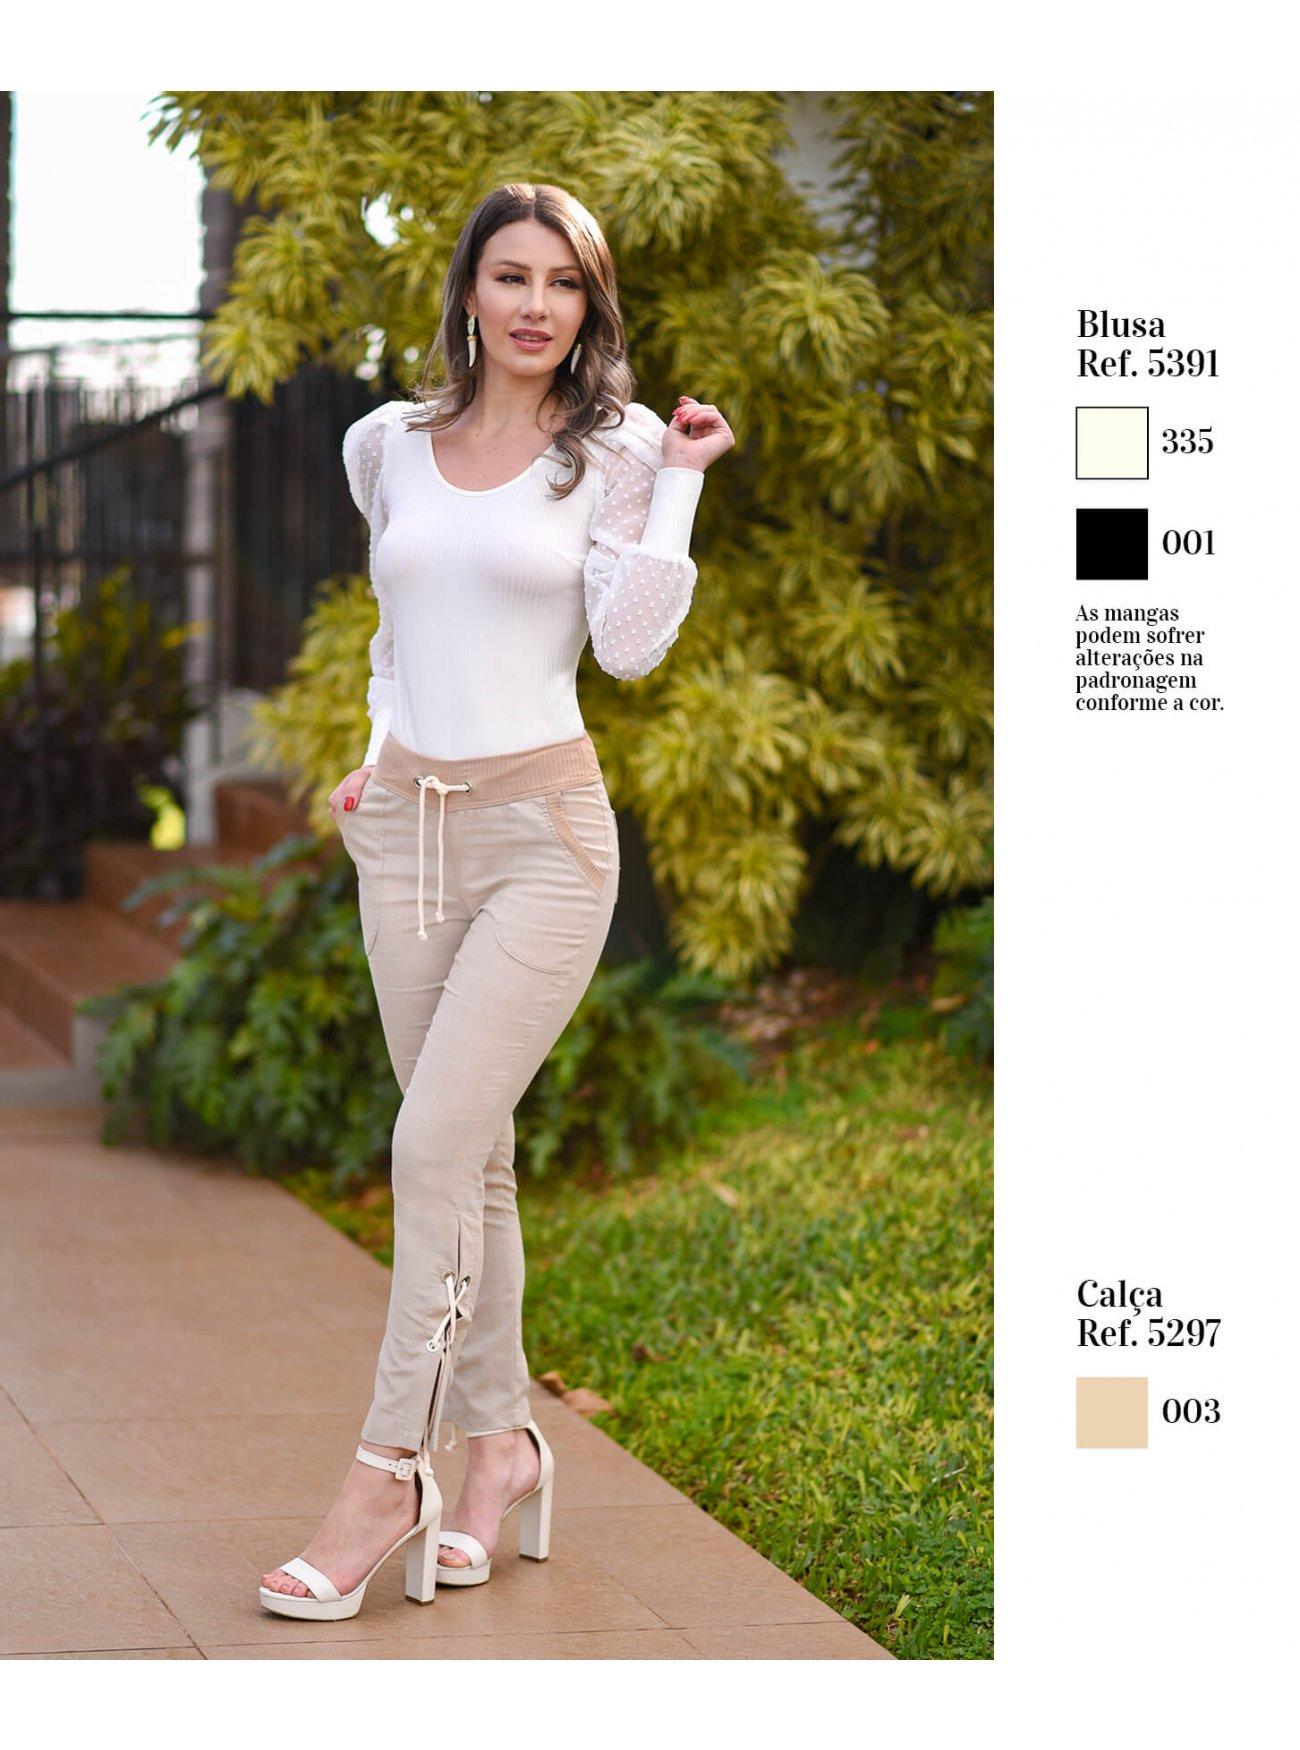 Blusa manga longa bufante | Calça em linho com detalhes em cordão